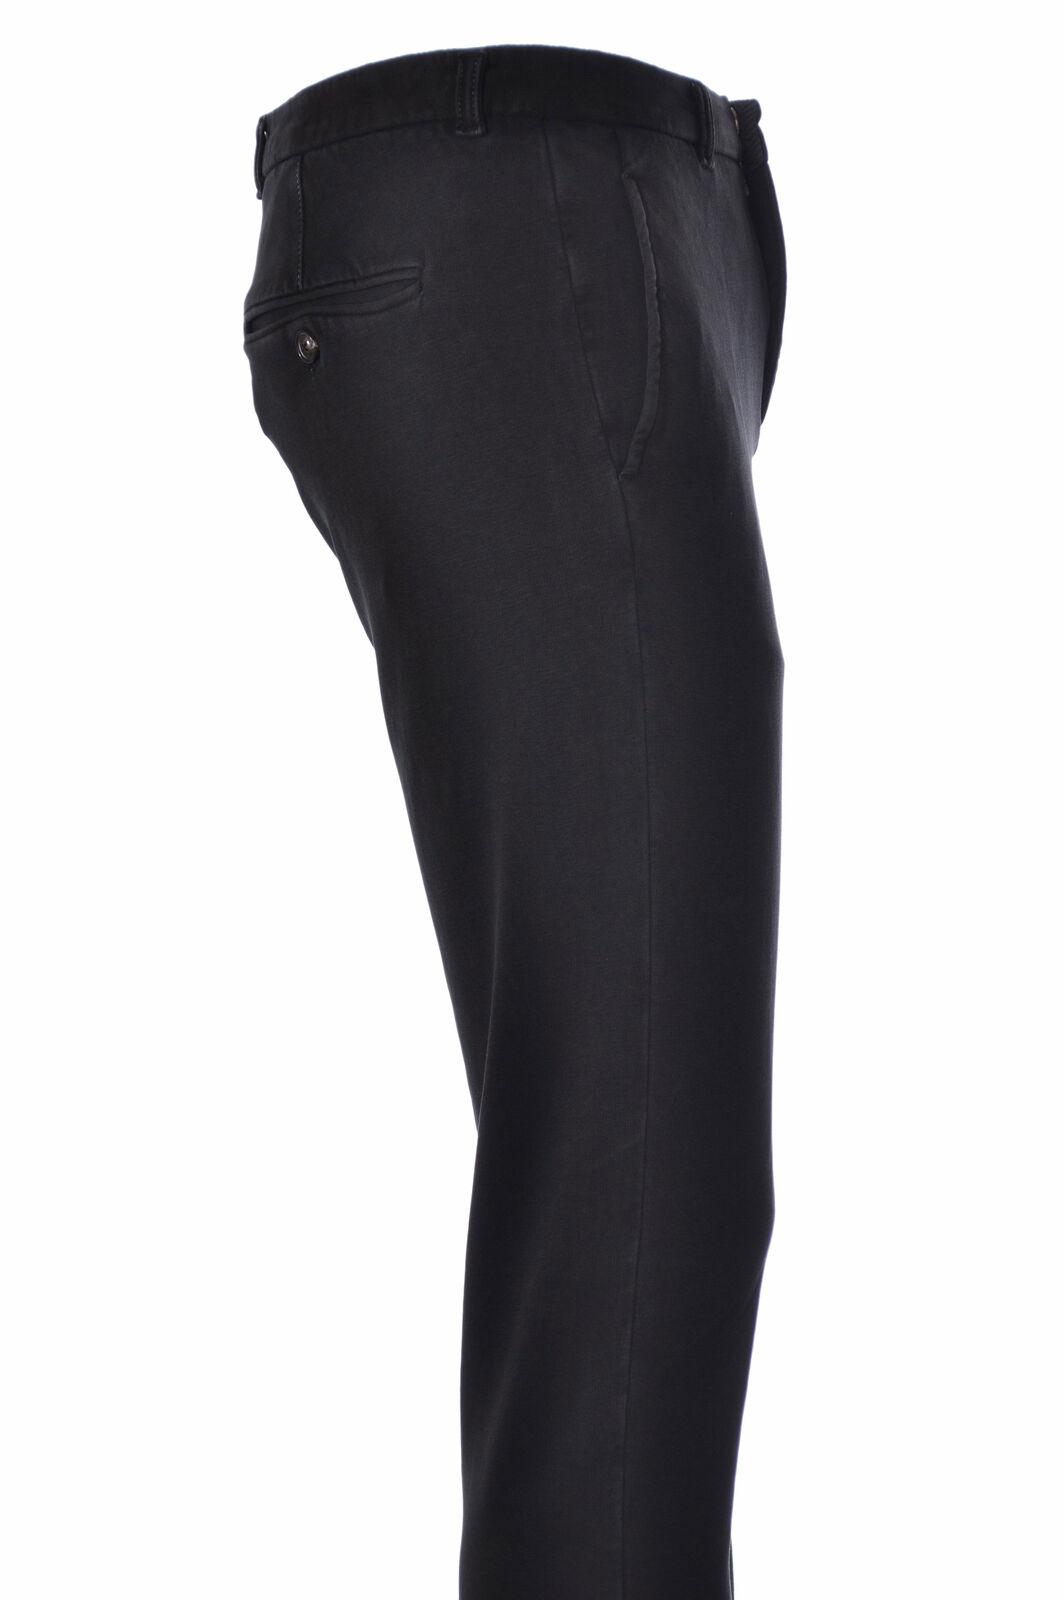 Circolo 1901  -  Pants - Male - Grey - 2445213A180000